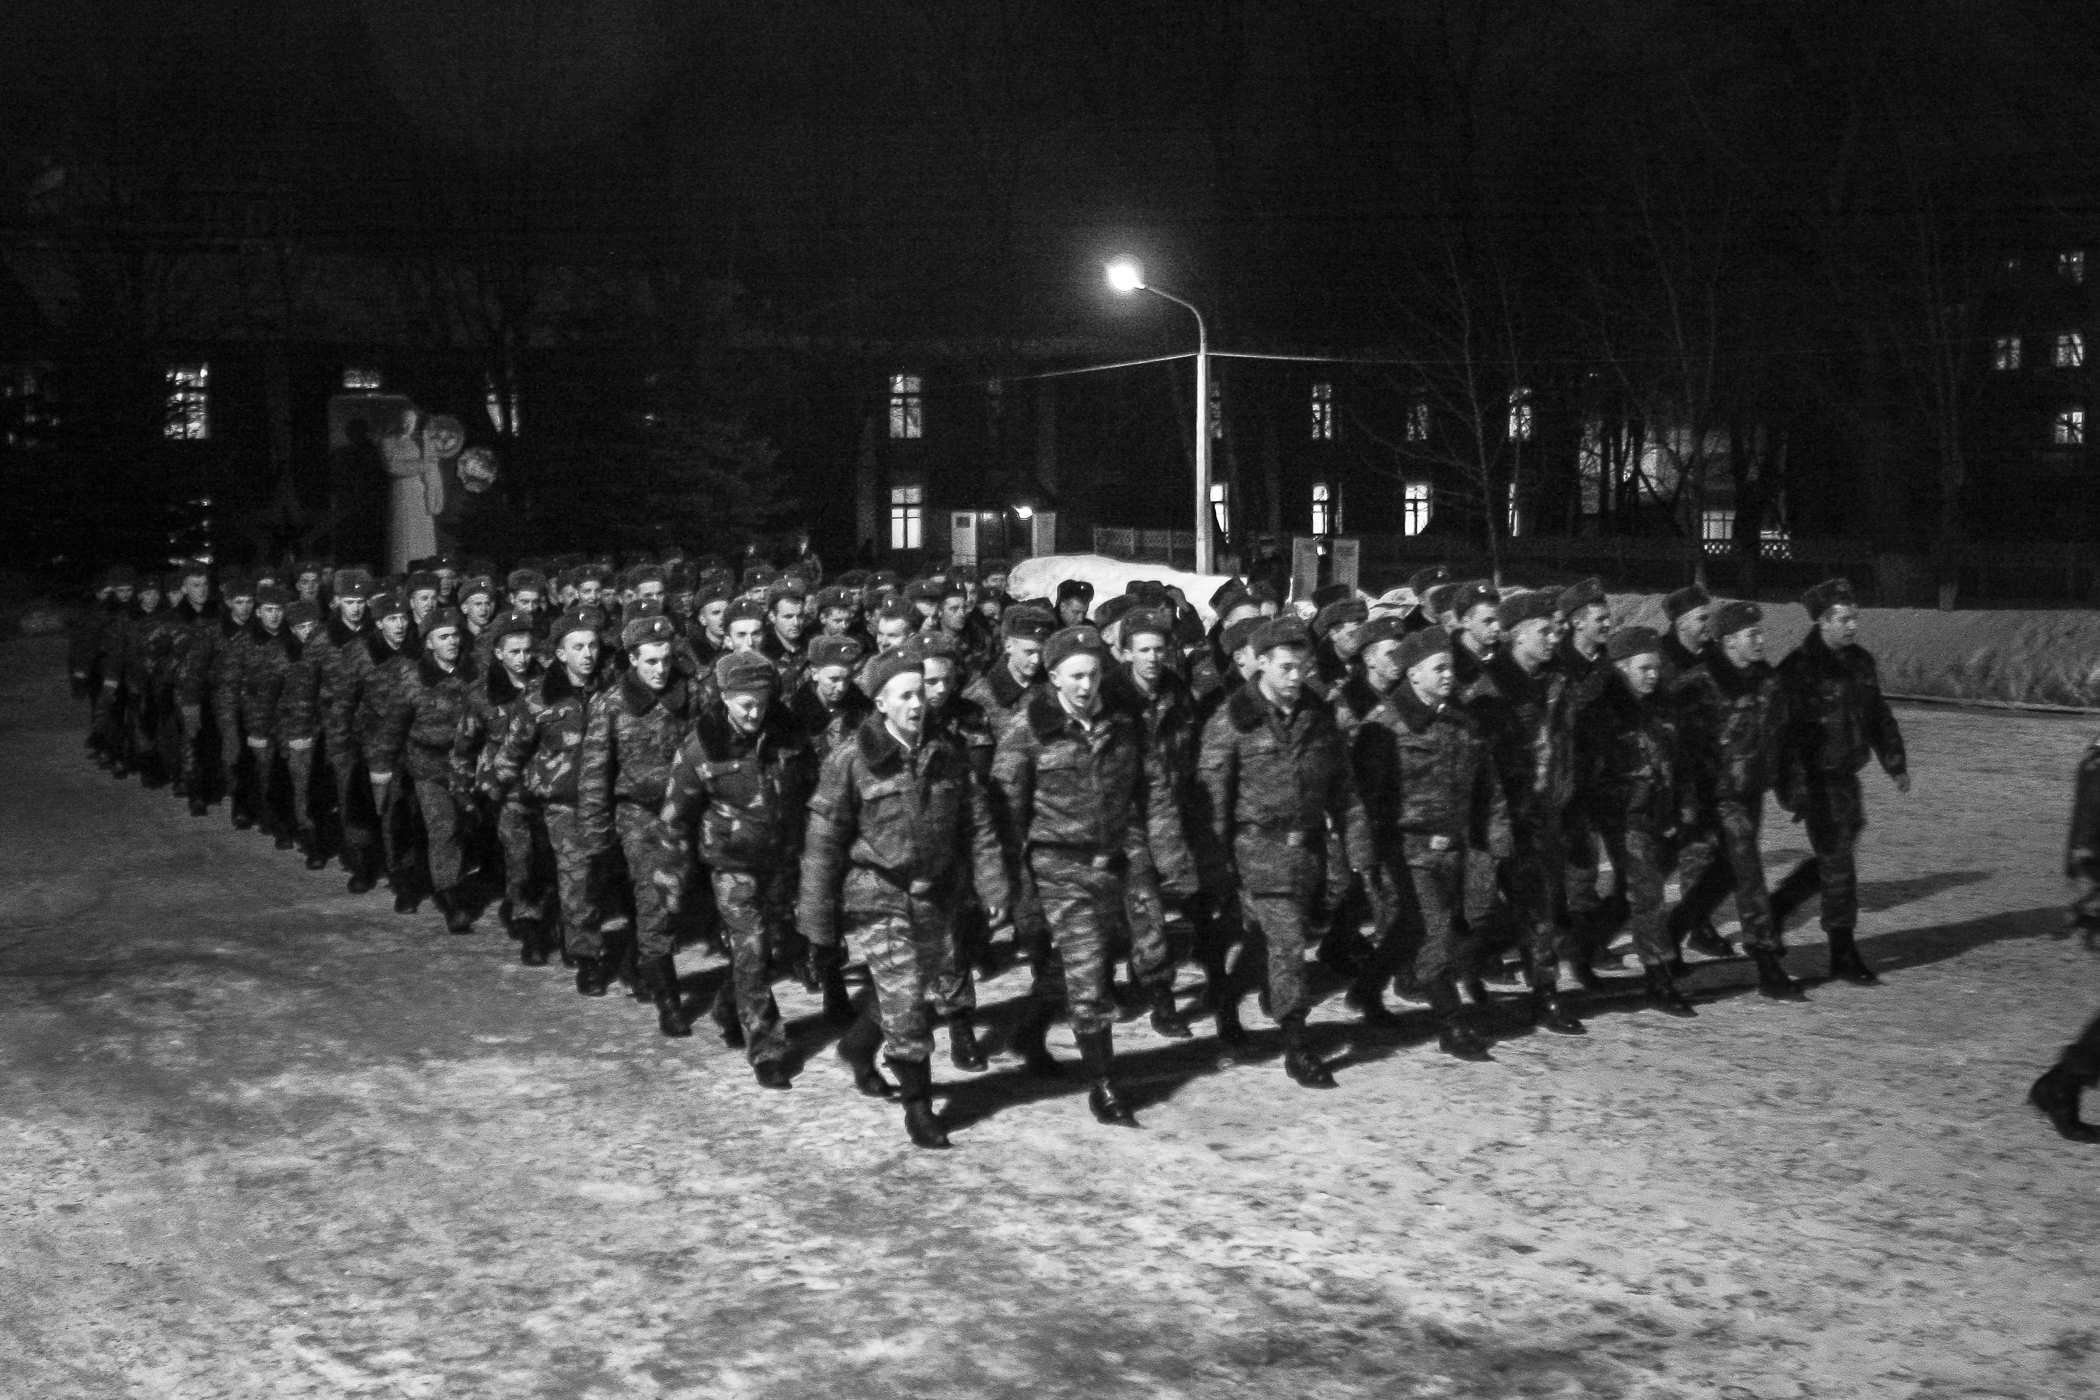 Вечерняя прогулка. Последний день перед увольнением в запас. Солдаты идут общим строем. Старослужащие, то есть дембели, следуют обычно сзади.